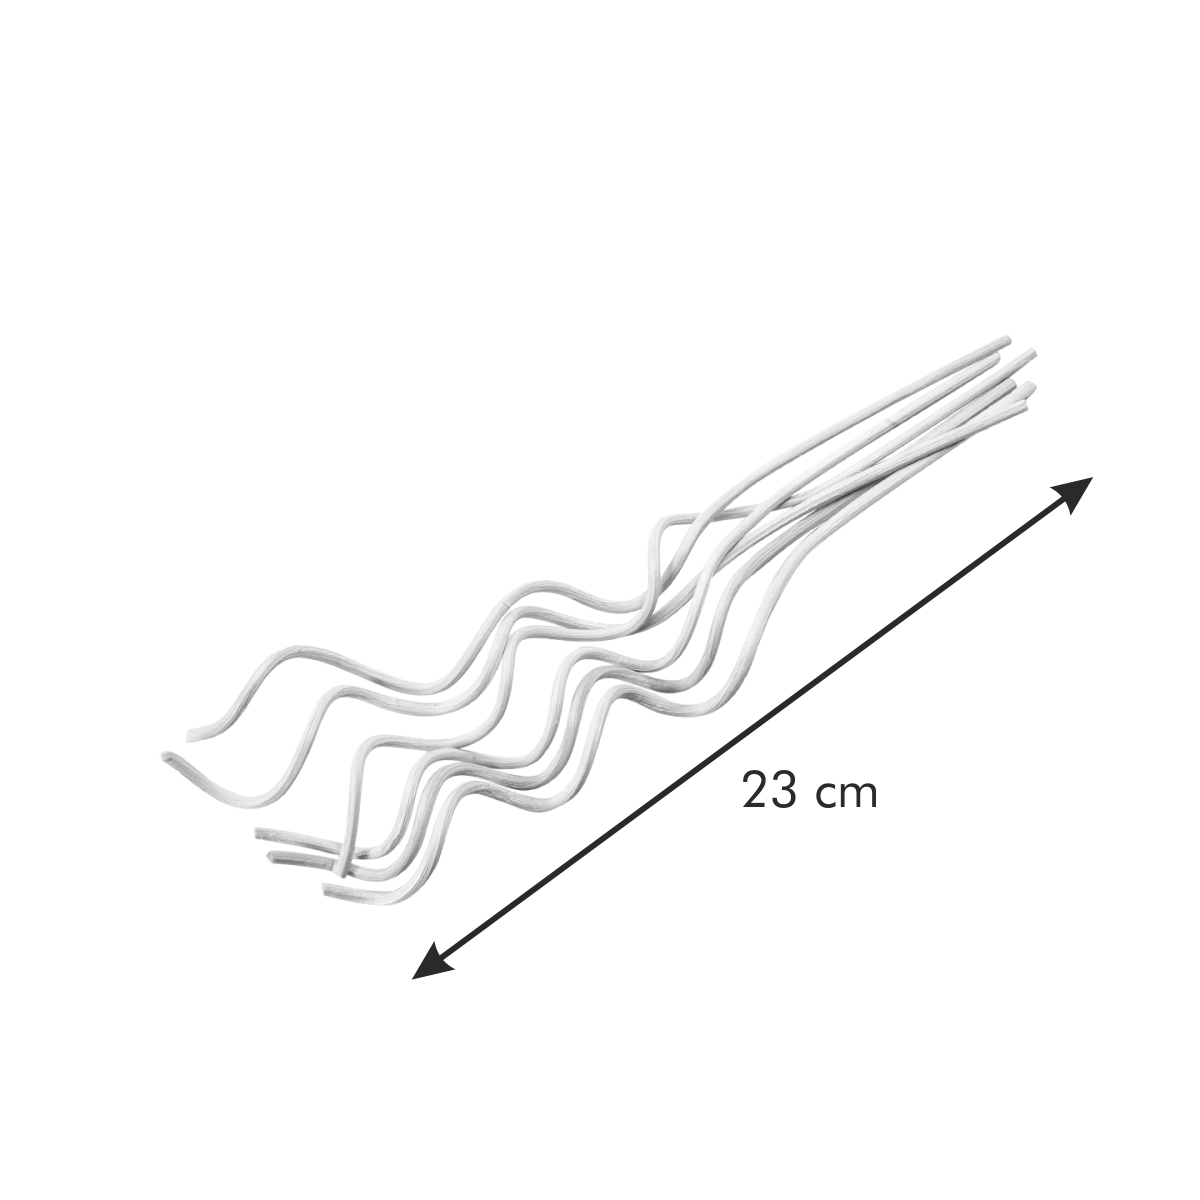 Ozdobné ratanové tyčinky FANCY HOME, 6 ks, vlnky